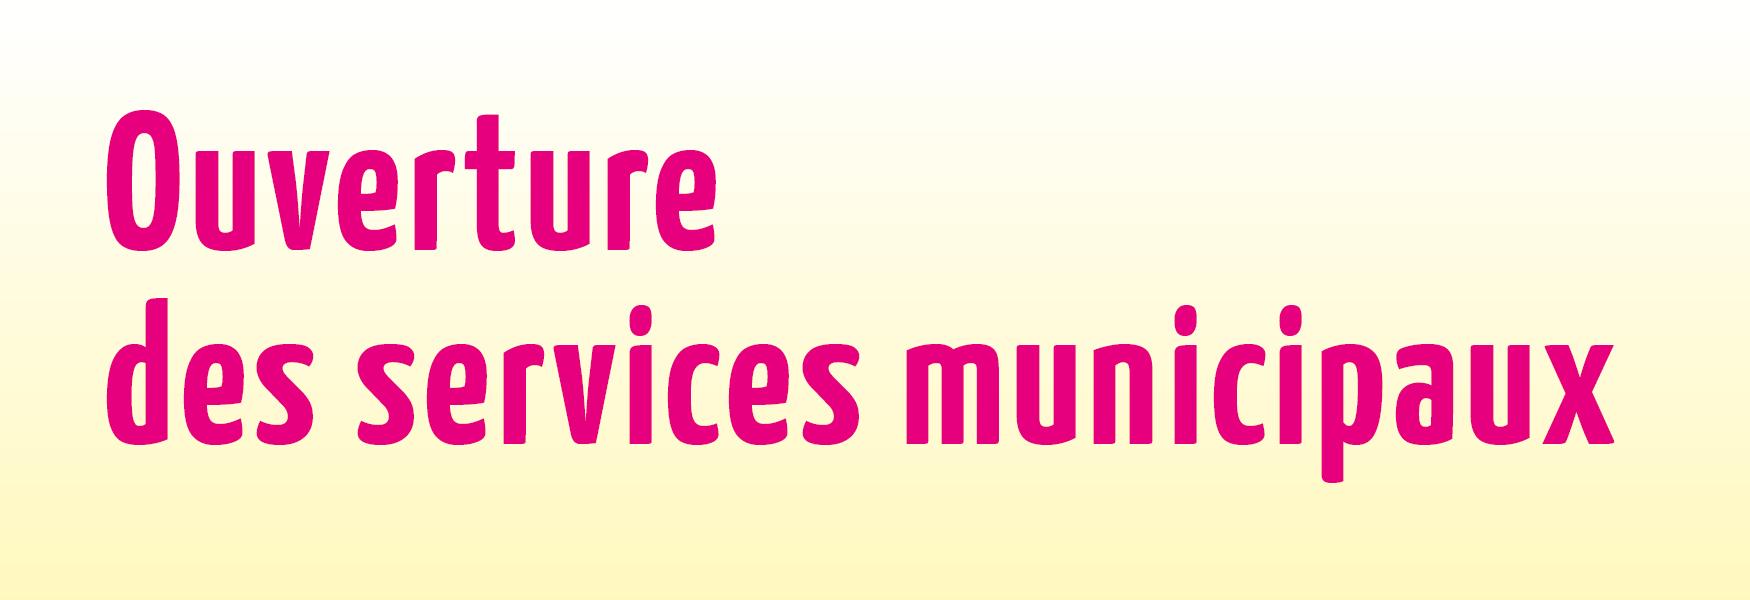 Mise à jour 22 juin : accueil dans les services de la Ville